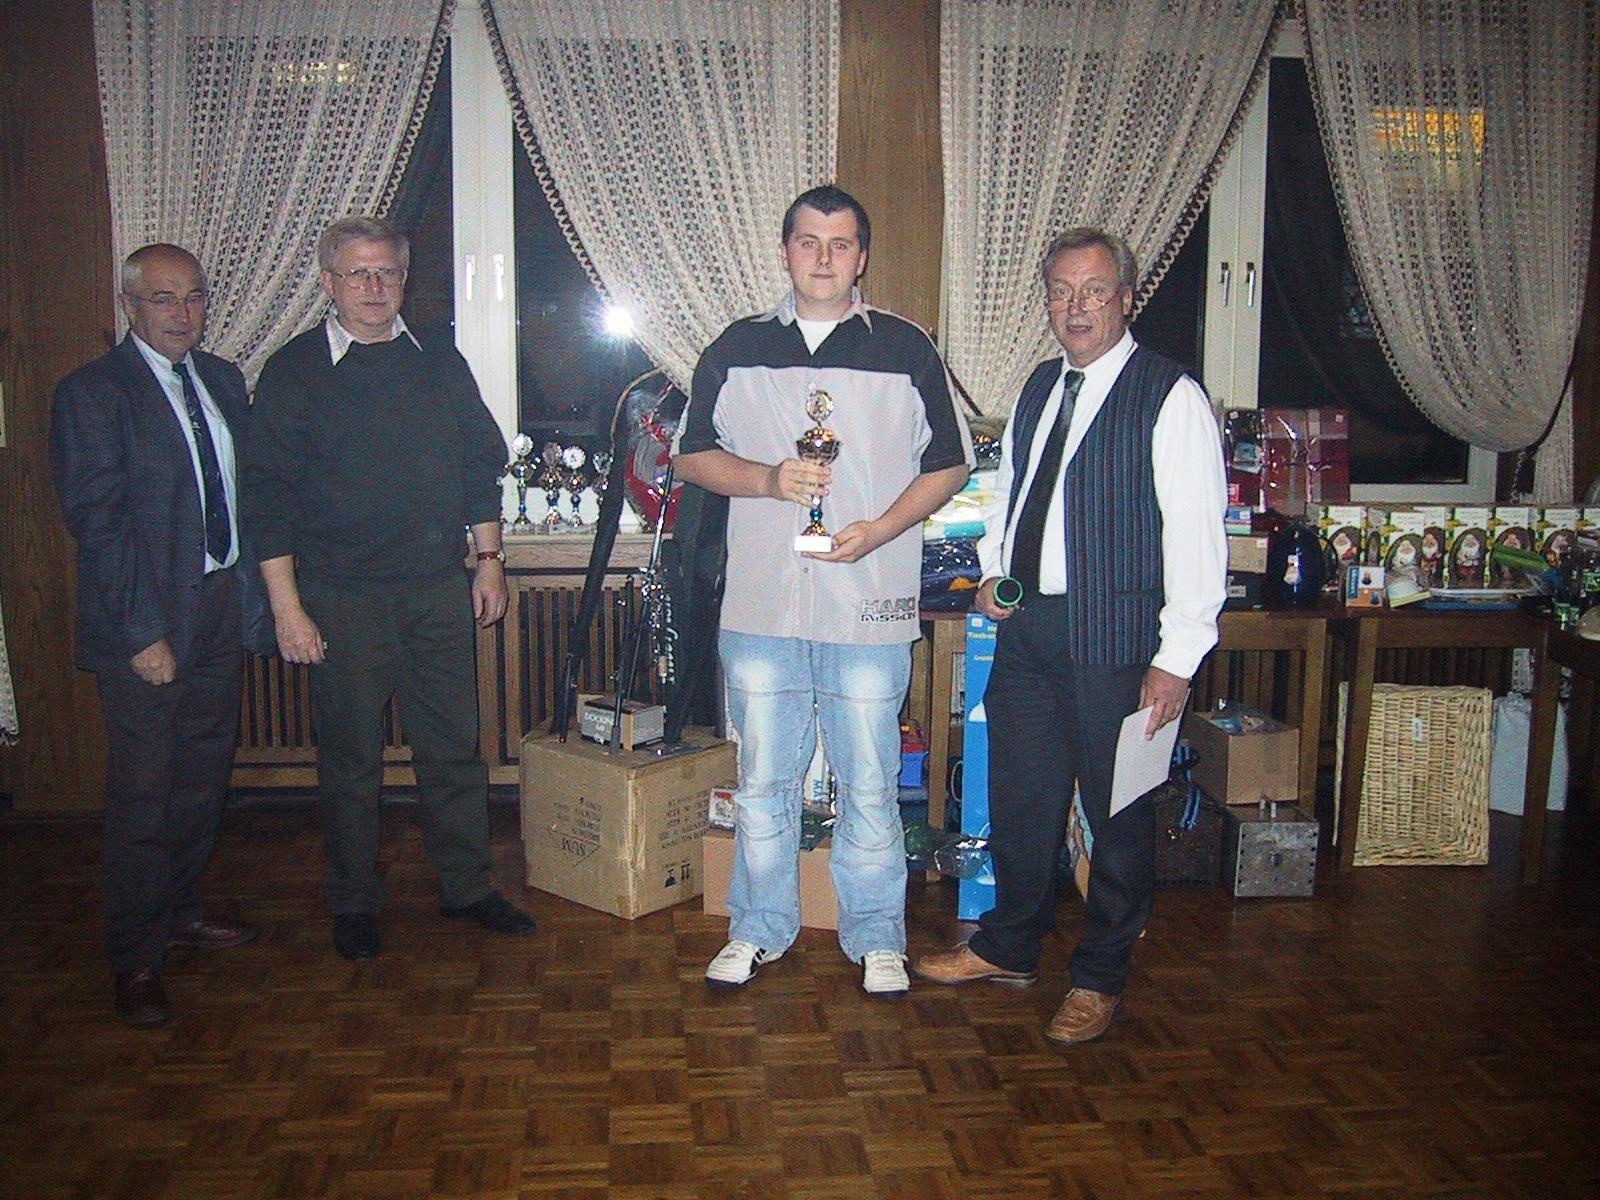 herbstfest-2006-15